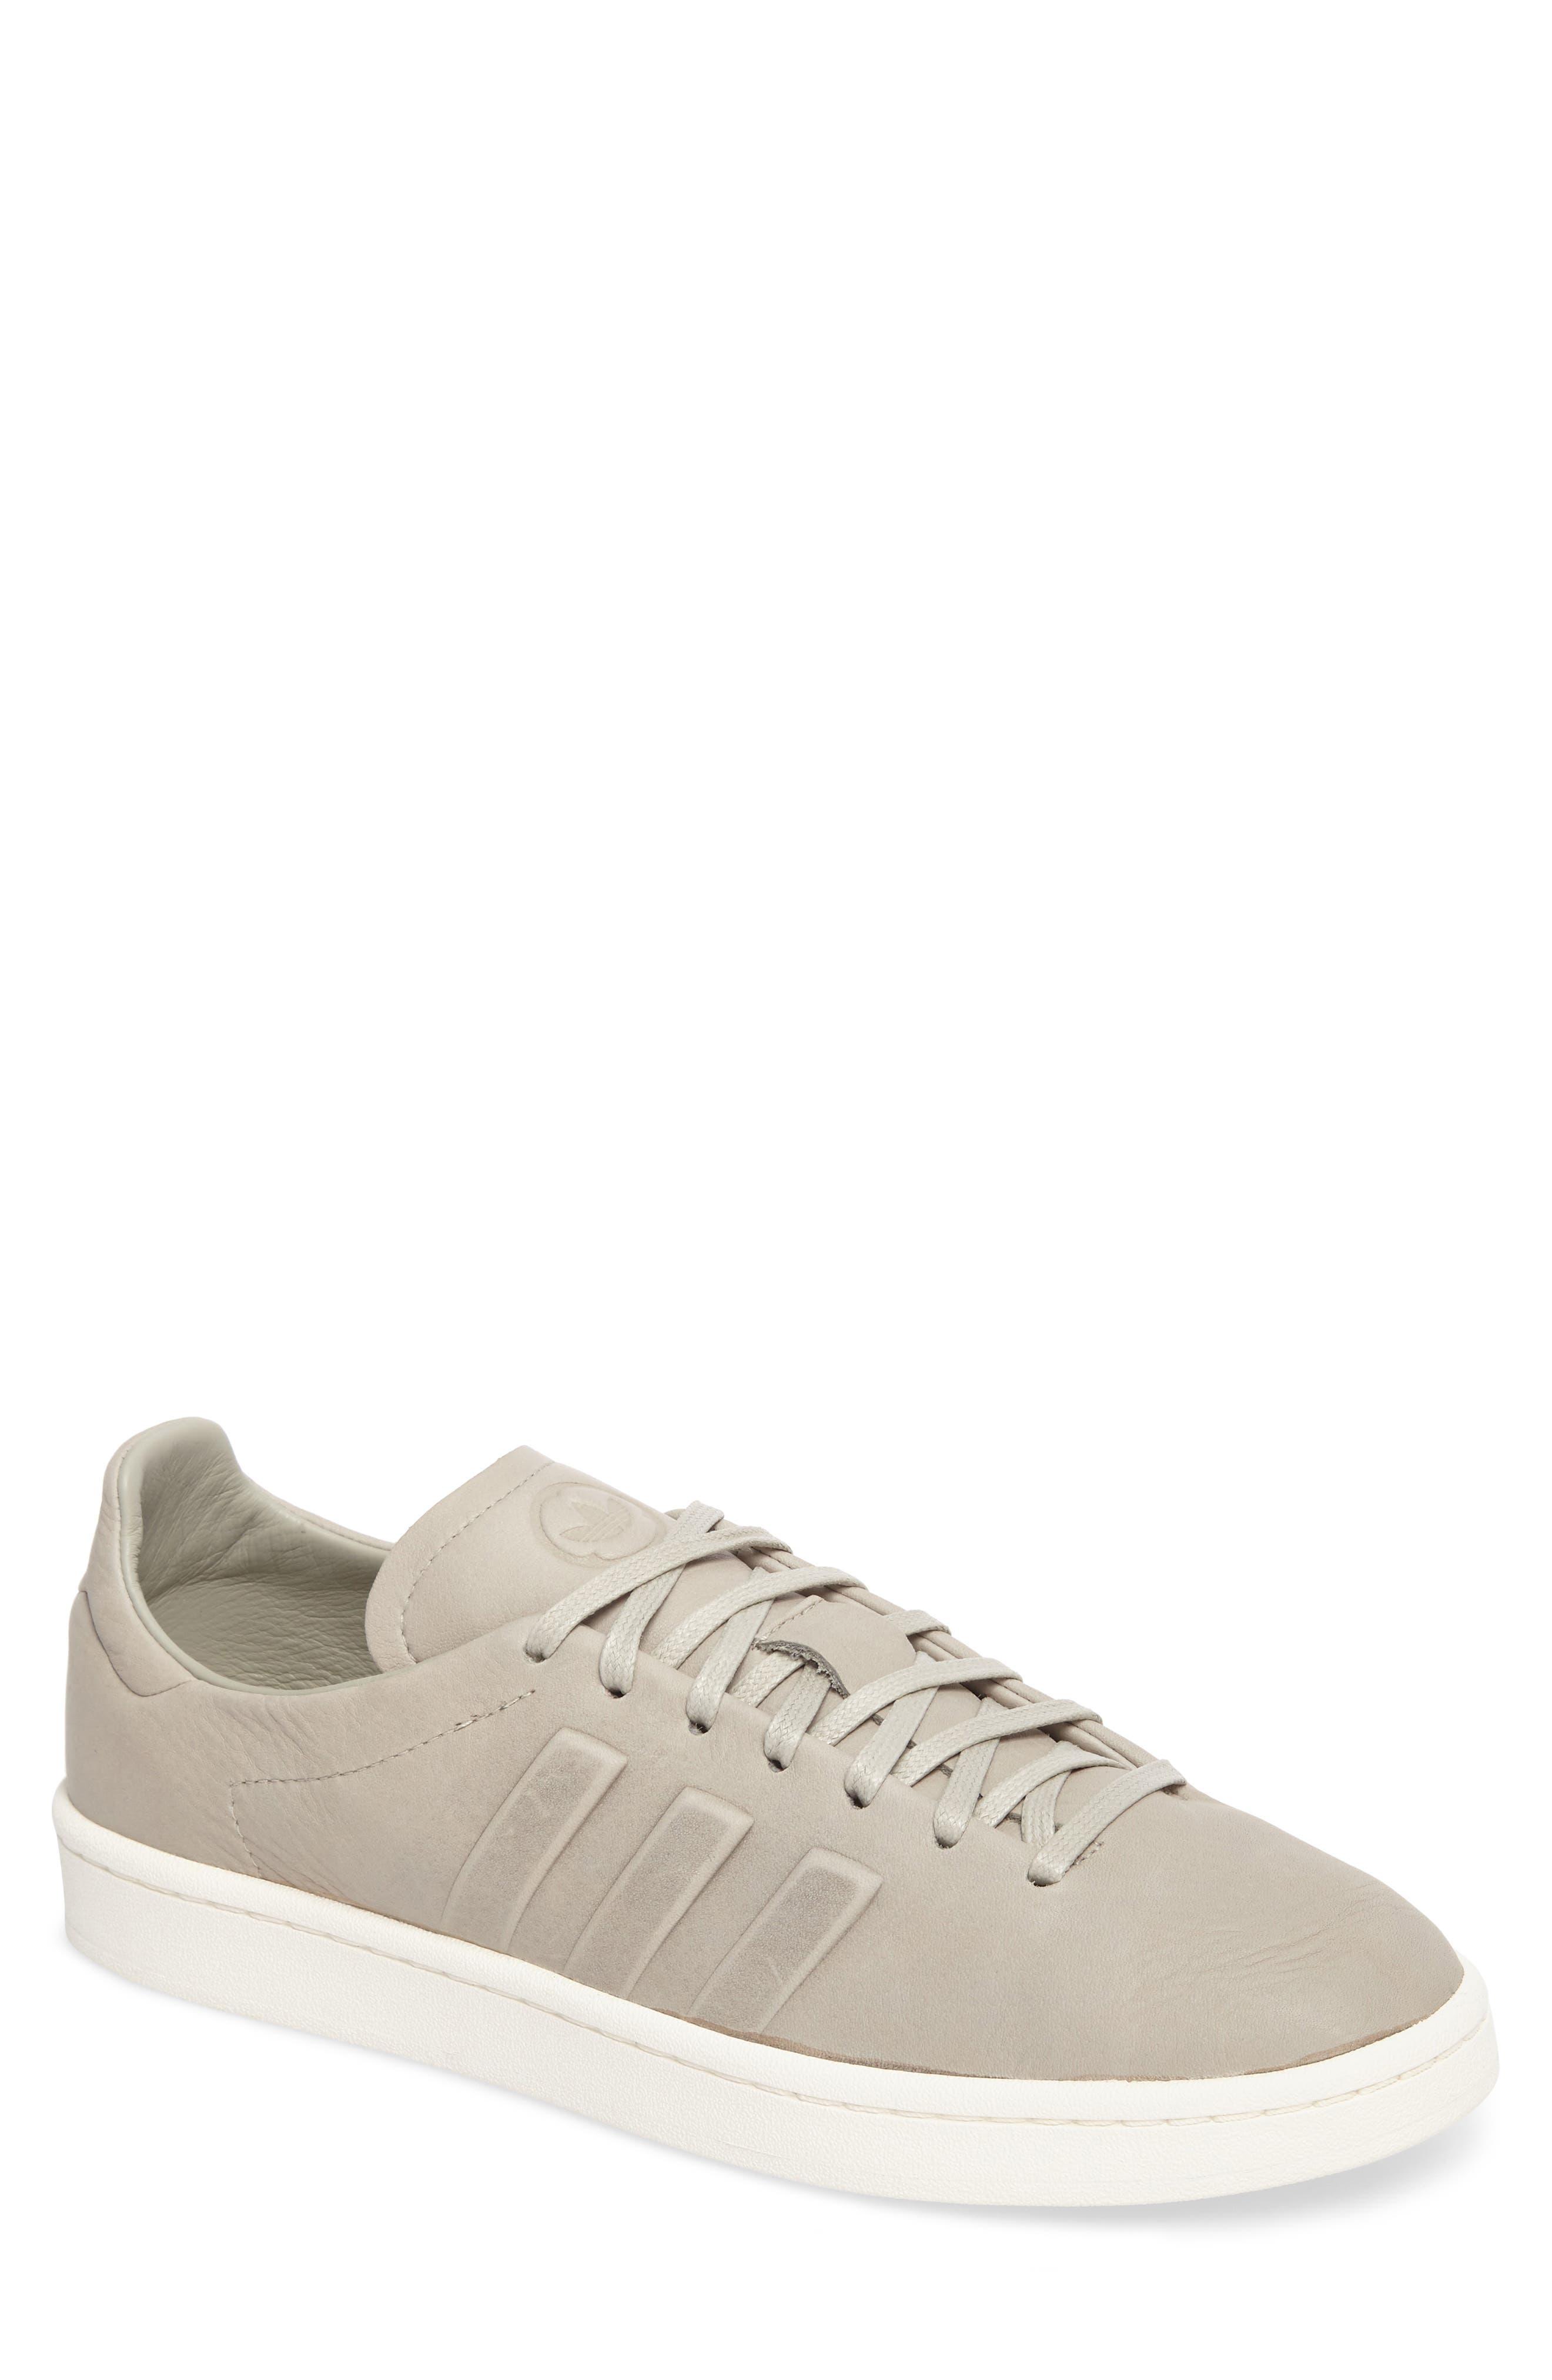 Low Top Sneaker,                             Main thumbnail 1, color,                             Sesame/ Chalk White